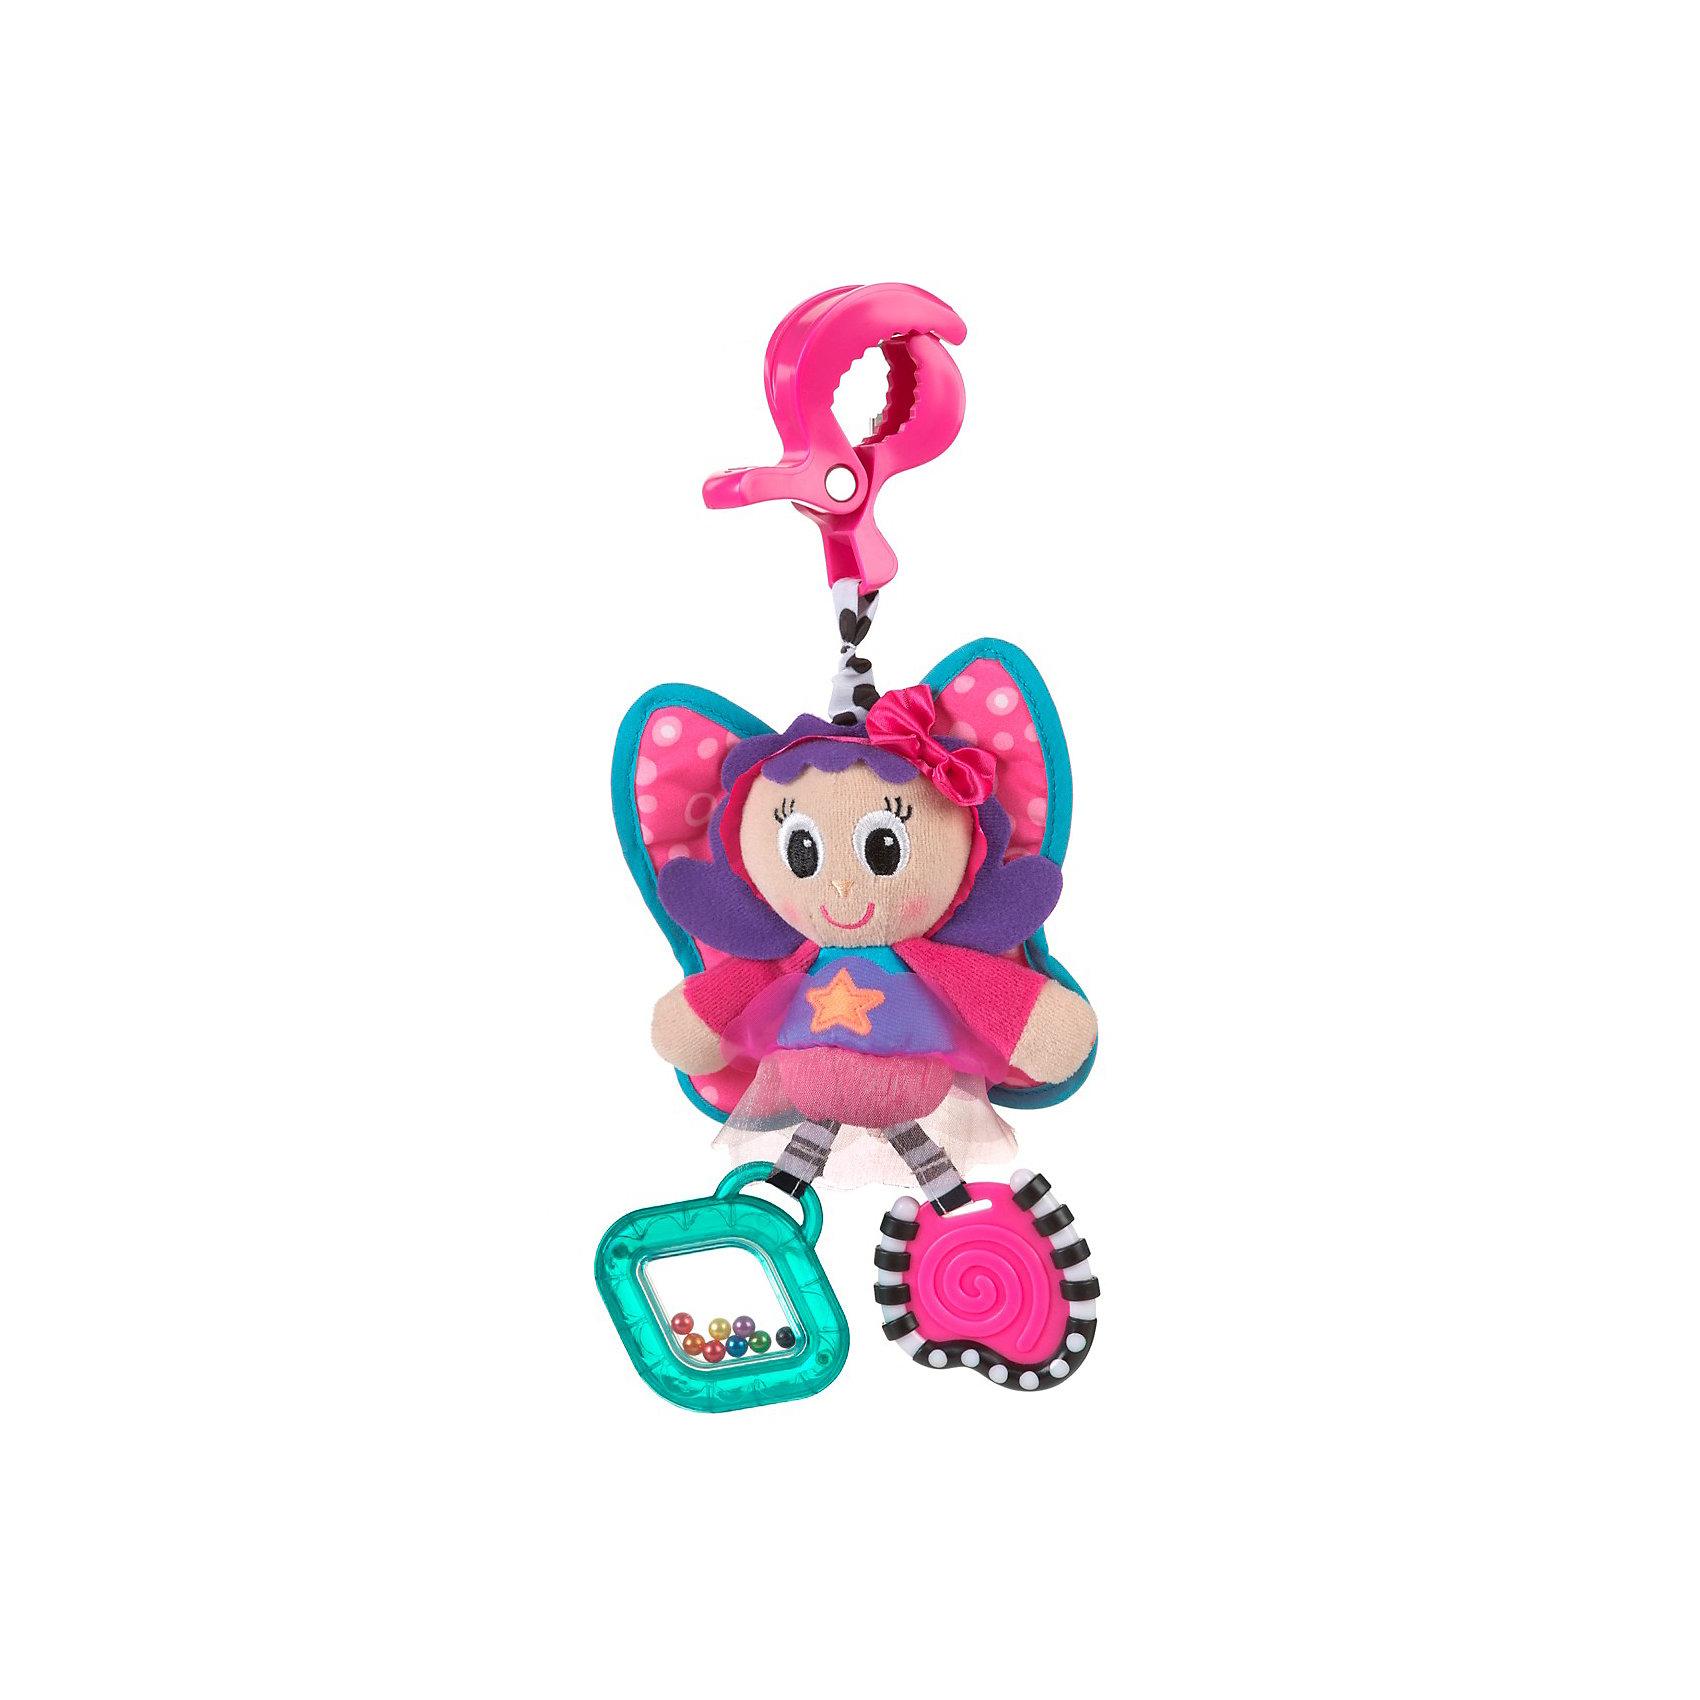 Игрушка-подвеска Бабочка, PlaygroИгрушка-подвеска Бабочка, Playgro (Плейгро) подарит малышу новые впечатления и радостную улыбку.<br>Игрушку-подвеску Бабочка отличает яркий дизайн и многофункциональность. Она обязательно понравится Вашему малышу и будет сопровождать его на прогулке или в дальней поездке. Игрушка крепится при помощи зажима, ее можно подвесить в коляску, кроватку, на дуги развивающего коврика или автокресло. На одной лапке бабочки – прозрачная погремушка с разноцветными шариками, на другой - прорезыватель с рифленой поверхностью, который поможет успокоить болезненные ощущения в деснах при появлении новых зубов. Мелкие, но яркие шарики побуждают малыша фокусировать зрение на мелких объектах, а звук погремушки учит малыша находить объекты в пространстве. Благодаря разным на ощупь тканям, у малыша развивается тактильное восприятие и мелкая моторика рук, ребенок учится хватать и удерживать игрушку в руках. Игрушка-подвеска Бабочка изготовлена из экологически чистых материалов, не вызывает аллергии и безвредна для здоровья ребенка. <br><br>Дополнительная информация:<br><br>- Материалы: плюшевый текстиль, атласная ткань, органза, гипоаллергенный полиэстер и прочный пластик<br>- Держатель: пластиковый карабин<br>- Прикрепите игрушку к рейке и потяните ее к себе - бабочка завибрирует<br>- Размер: 29 x 14 x 7 см<br><br>Игрушку-подвеску Бабочка, Playgro (Плейгро) можно купить в нашем интернет-магазине.<br><br>Ширина мм: 176<br>Глубина мм: 177<br>Высота мм: 81<br>Вес г: 91<br>Возраст от месяцев: 0<br>Возраст до месяцев: 12<br>Пол: Унисекс<br>Возраст: Детский<br>SKU: 3455201